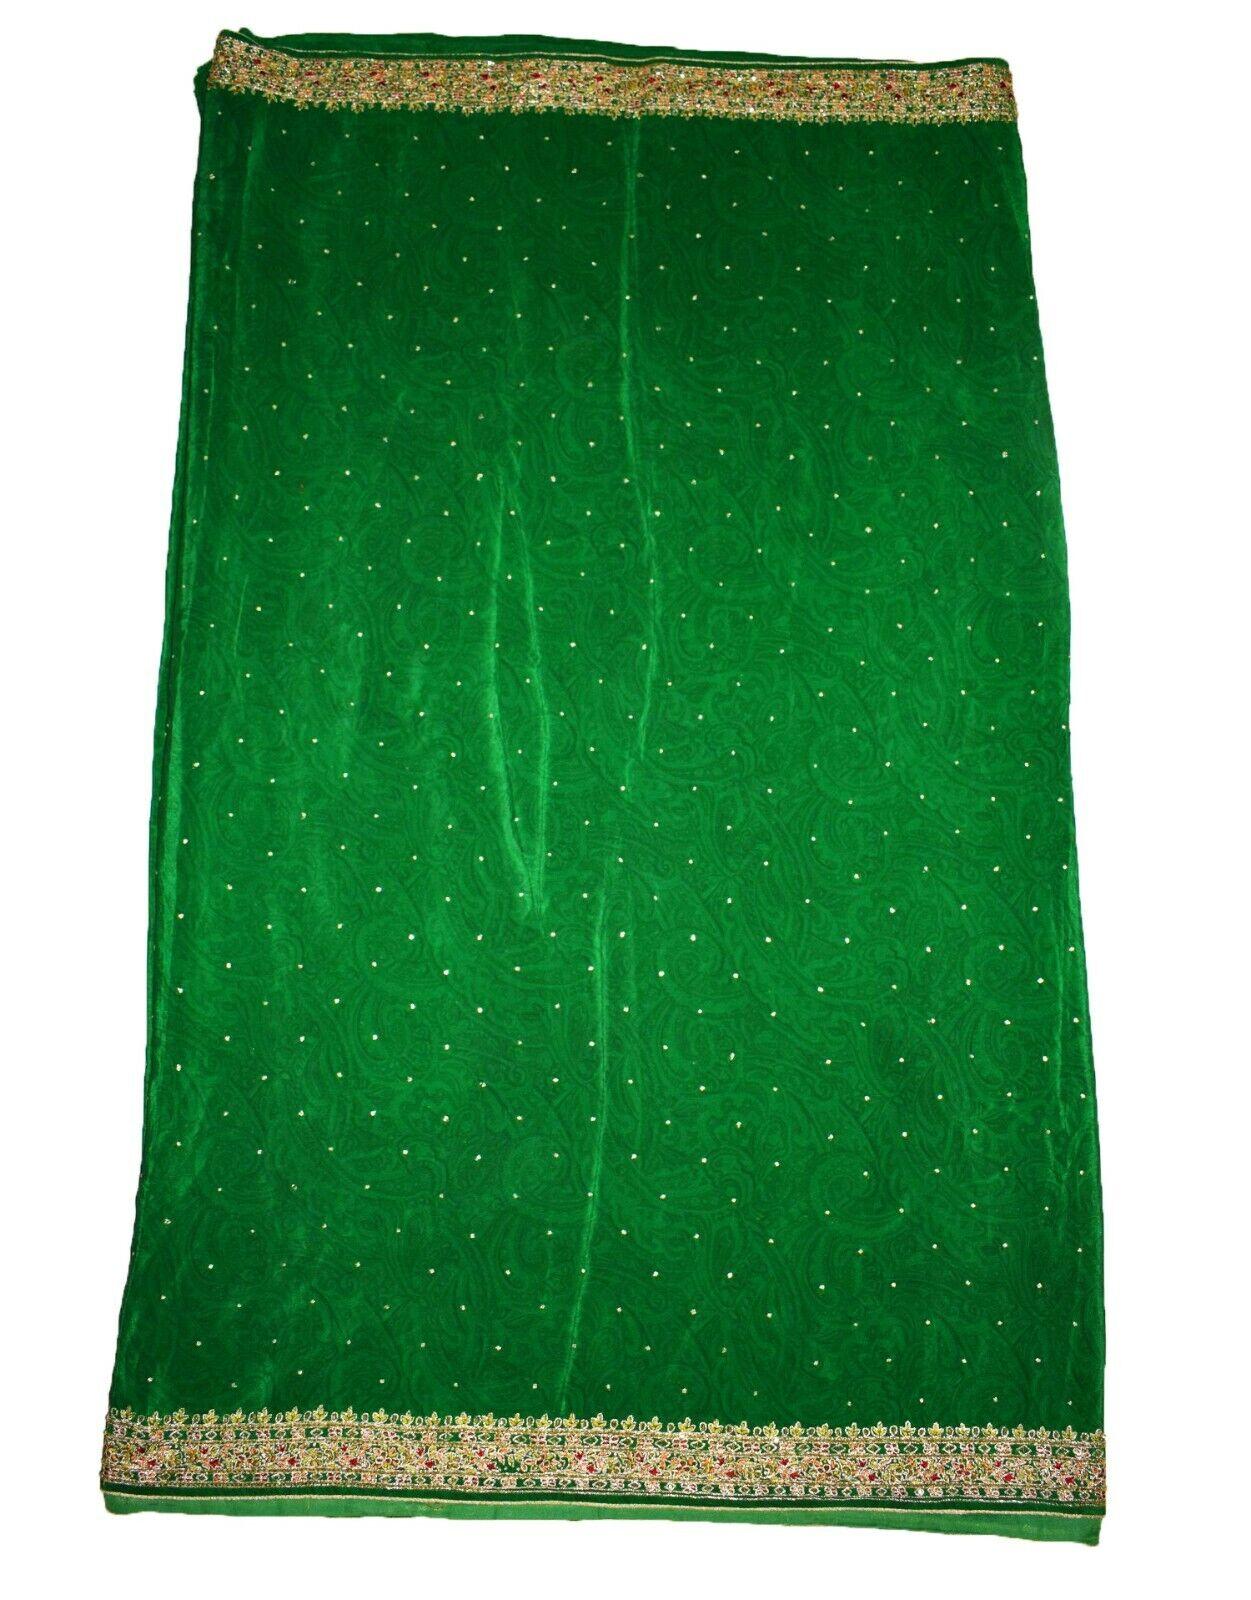 INDIAN DESIGNER VERY FAMOUS BRAND RITU KUMAR SARE… - image 10